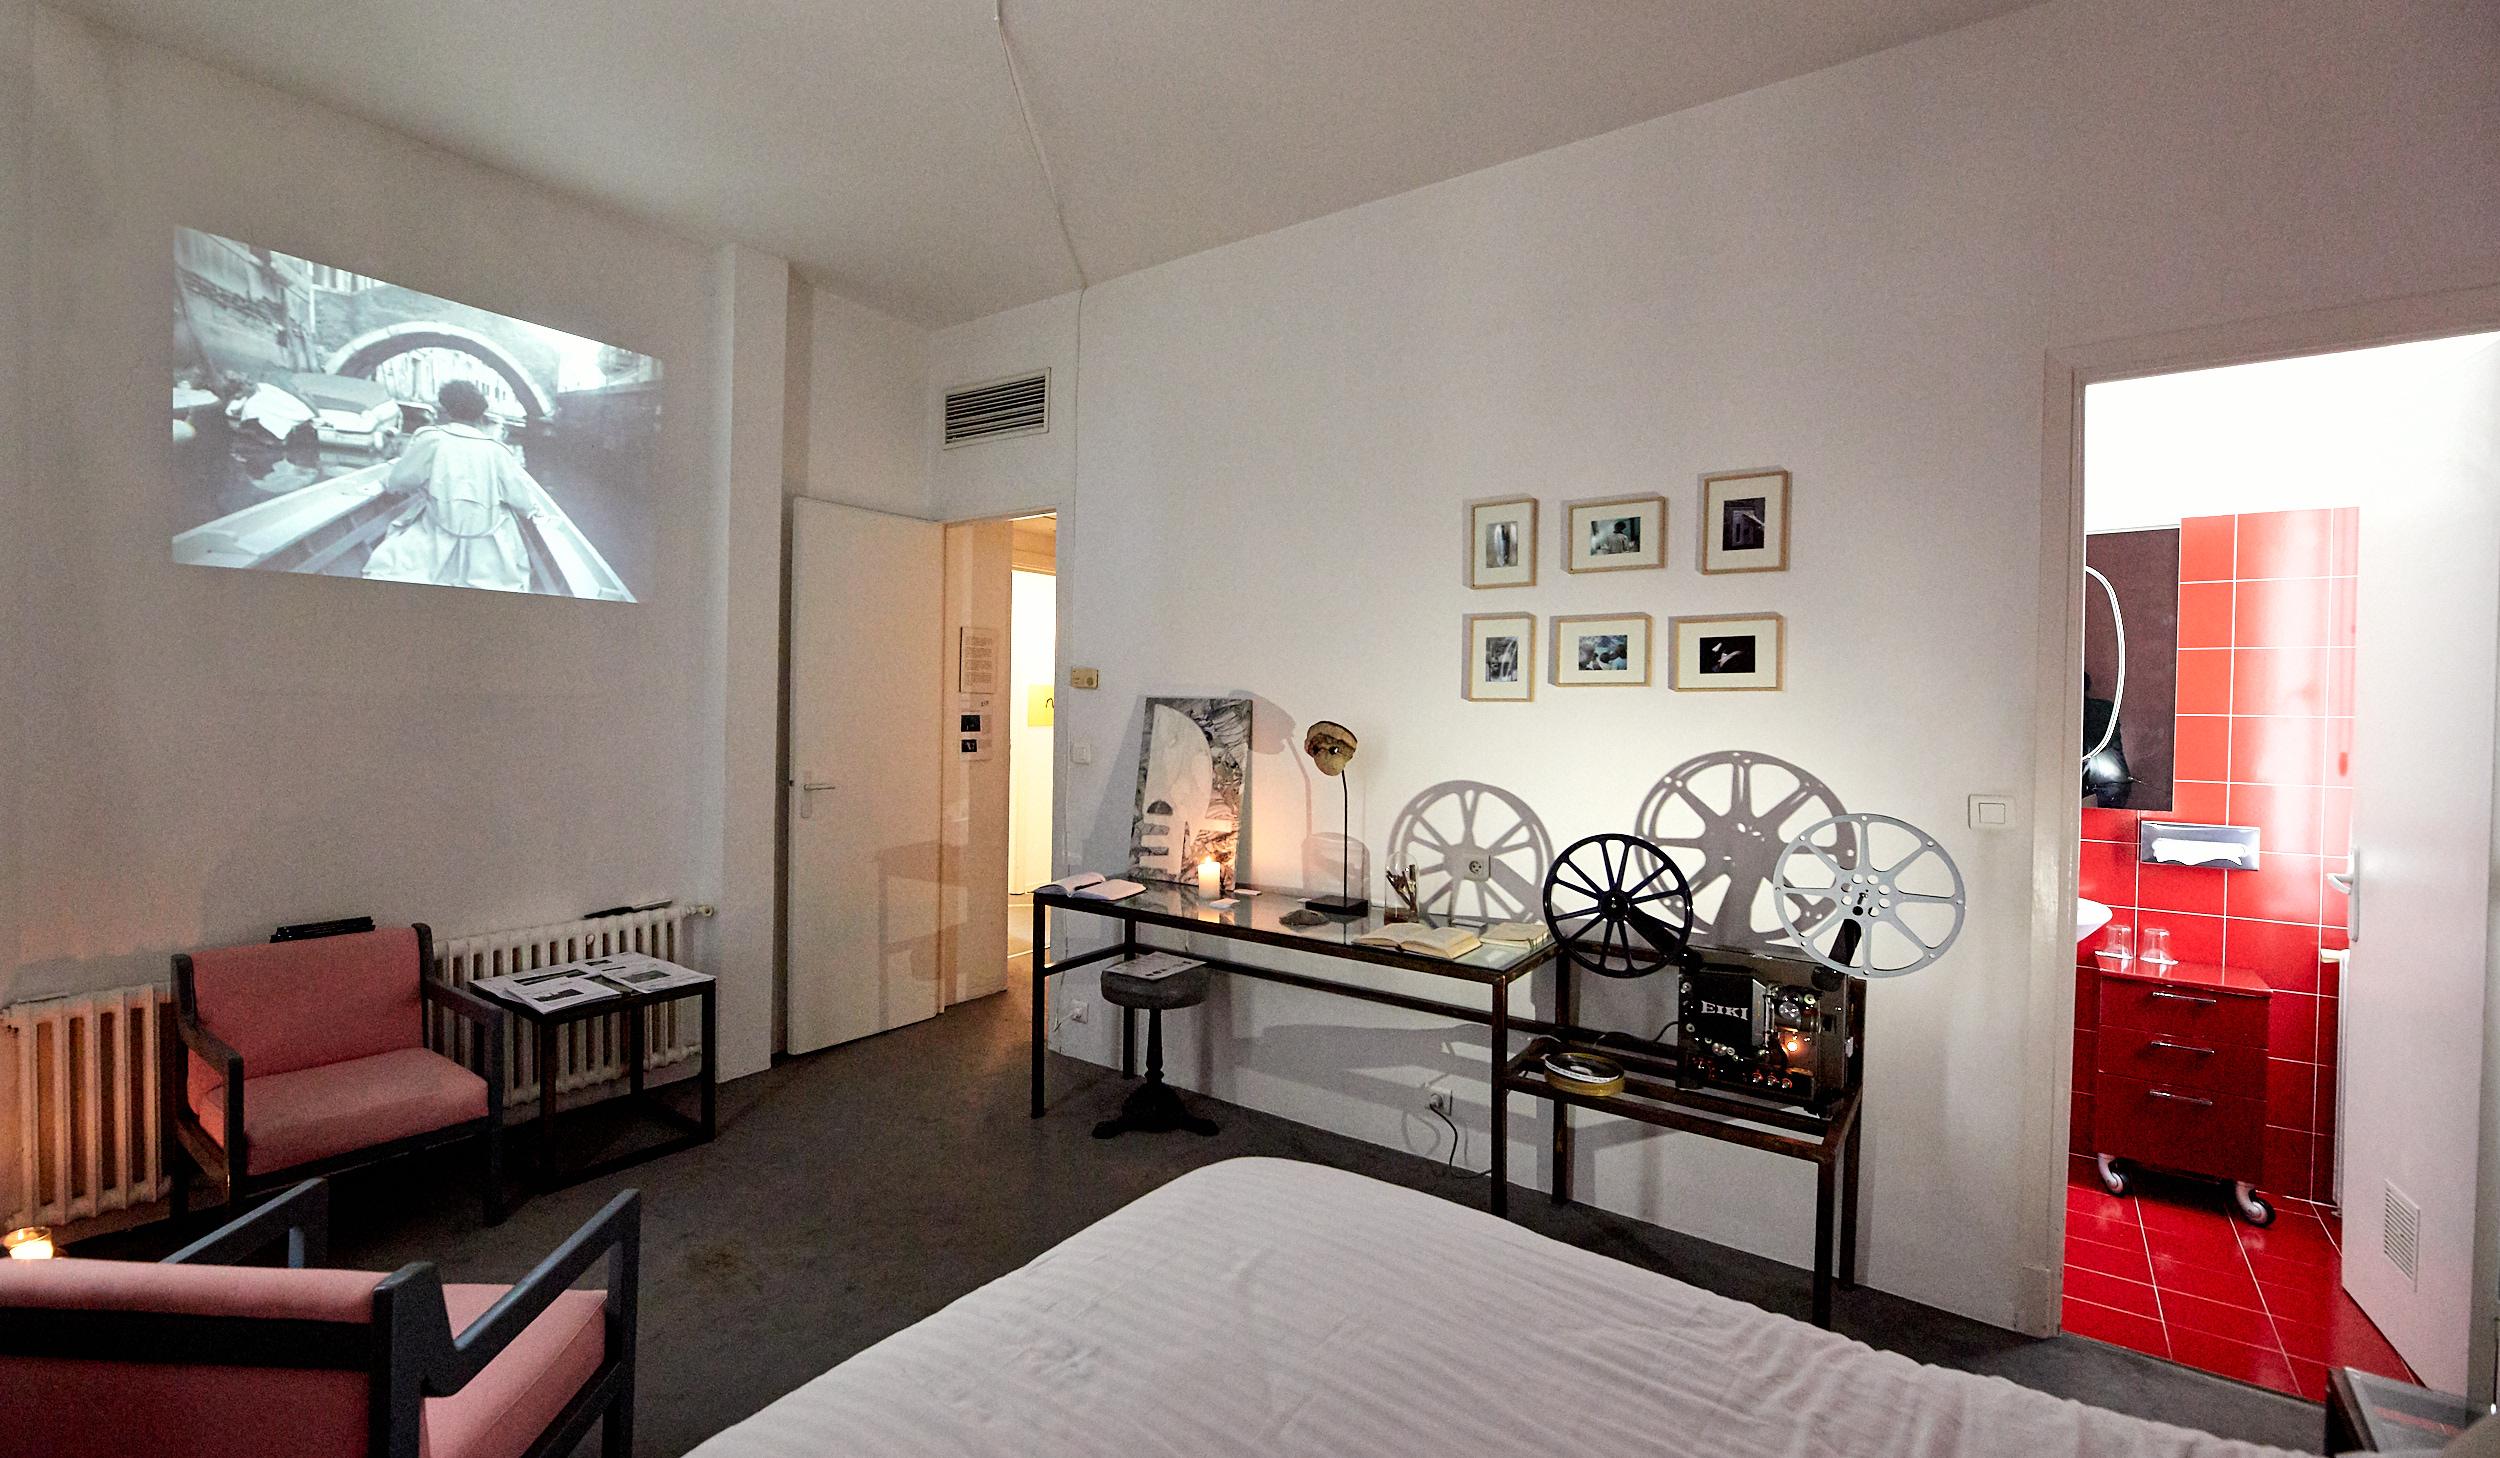 Alice Guittard, filature a la gondole, Galerie Eva Vautier, 2019,  camera camera